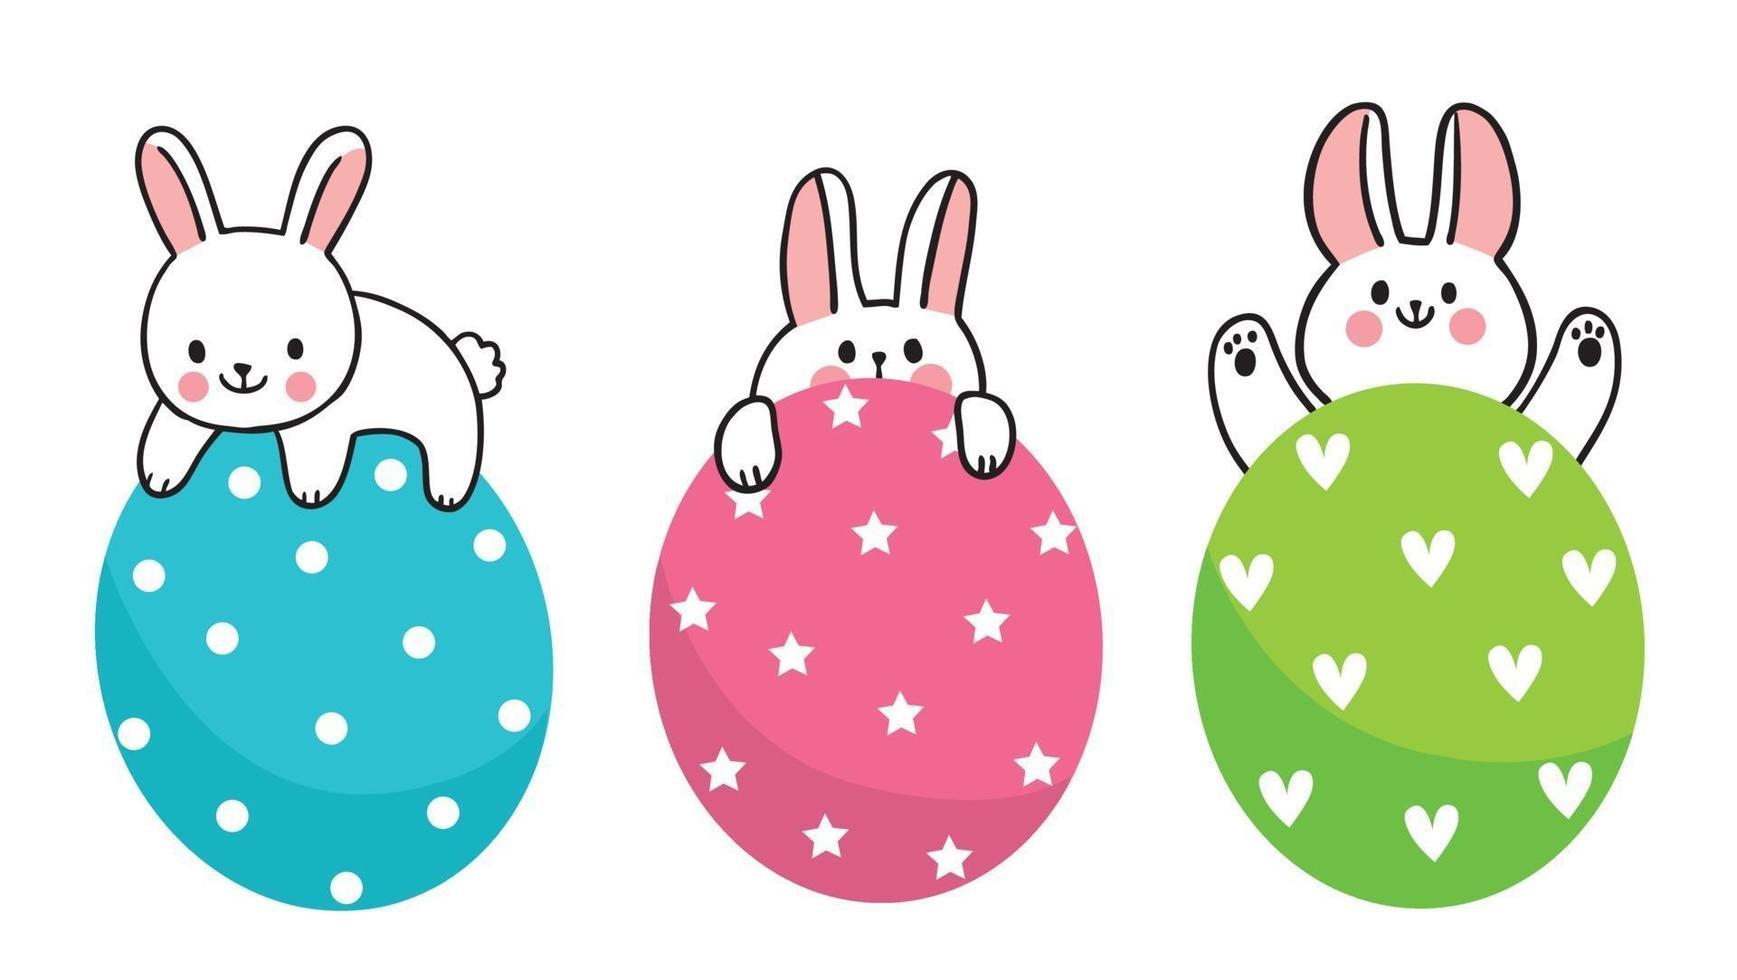 dia de Páscoa. três coelhinhos e ovos coloridos, mão desenhar desenhos animados bonitos vetor. vetor